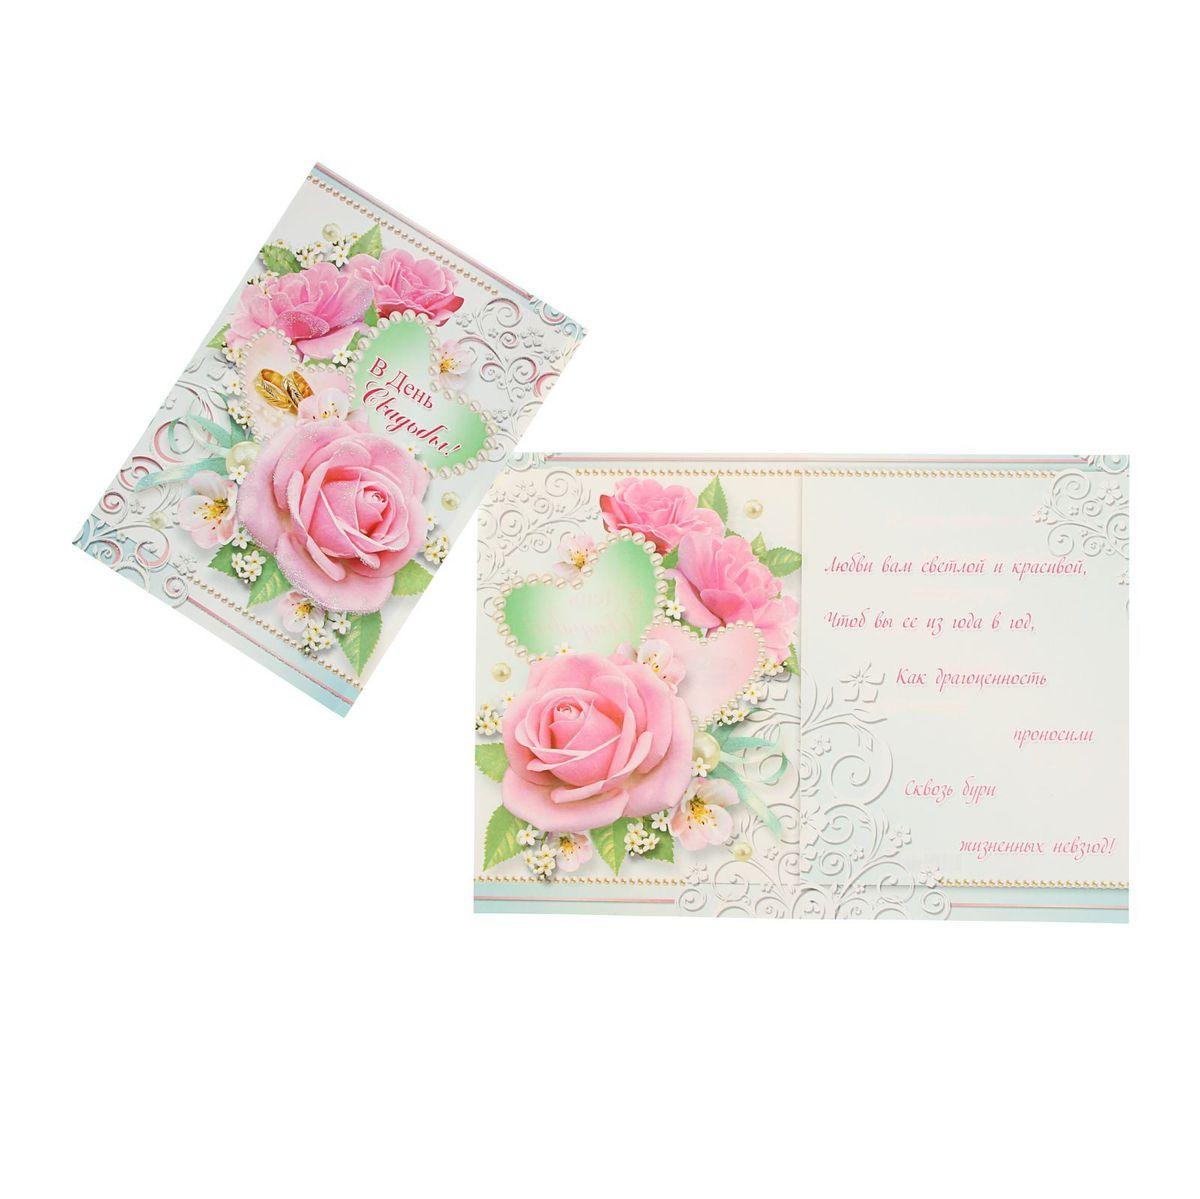 Открытка Sima-land В день свадьбы! Розы1351157Если вы хотите порадовать себя или близких, создать праздничное настроение и с улыбкой провести памятный день, то вы, несомненно, сделали правильный выбор! Открытка Sima-land В день свадьбы! Розы, выполненная из плотной бумаги, отличается не только оригинальным дизайном, но и высоким качеством.Лицевая сторона изделия оформлена ярким изображением. Внутри открытка содержит текст с поздравлением.Такая открытка непременно порадует получателя и станет отличным напоминанием о проведенном вместе времени. Формат открытки: А4.Плотность: 250 г/м2.